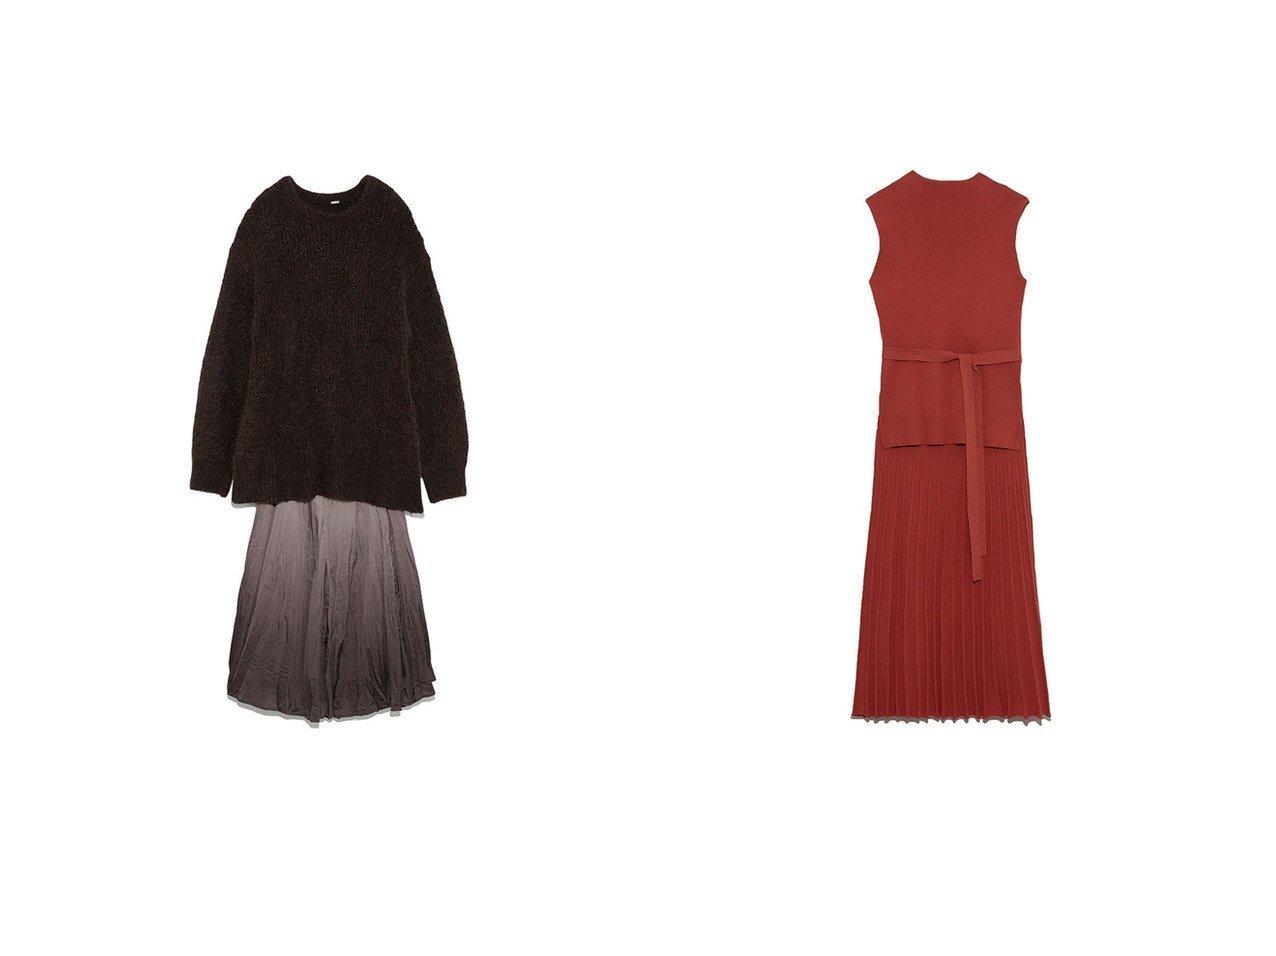 【Mila Owen/ミラオーウェン】のボトルネックリブニットセットアップ&マチフレアスカート畦ニットSETUP ワンピース・ドレスのおすすめ!人気、トレンド・レディースファッションの通販  おすすめで人気の流行・トレンド、ファッションの通販商品 メンズファッション・キッズファッション・インテリア・家具・レディースファッション・服の通販 founy(ファニー) https://founy.com/ ファッション Fashion レディースファッション WOMEN セットアップ Setup スカート Skirt スカート Skirt Aライン/フレアスカート Flared A-Line Skirts トップス Tops Tshirt ニット Knit Tops グラデーション スマート セットアップ フレア 畦 A/W 秋冬 AW Autumn/Winter / FW Fall-Winter エレガント プリーツ ボトルネック |ID:crp329100000010241